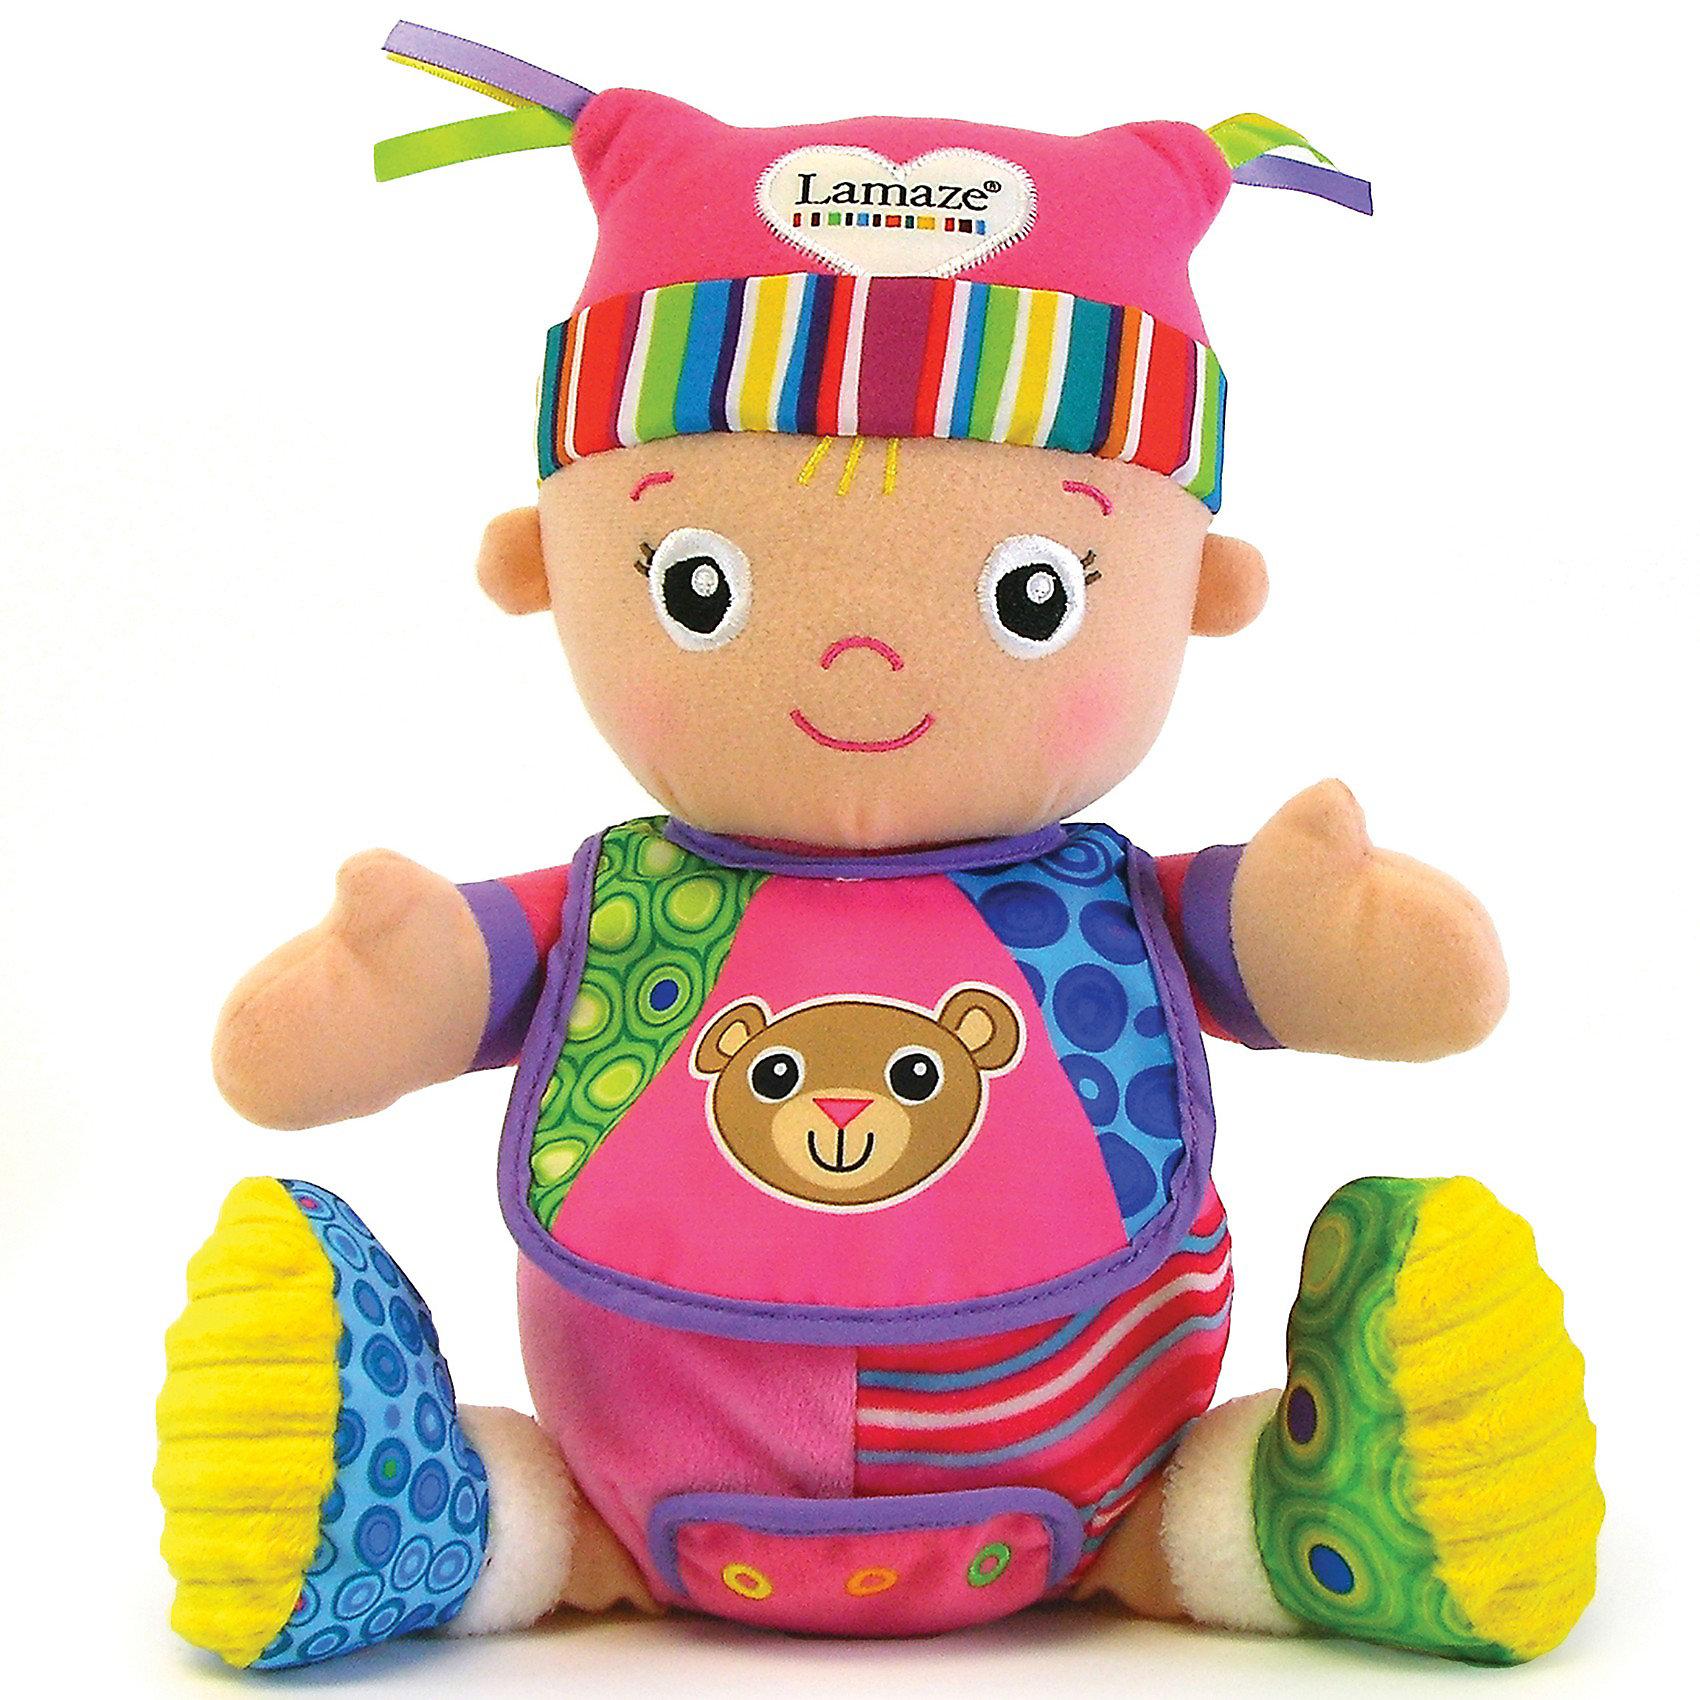 Игрушка Моя первая кукла Маша, LamazeЭта забавная игрушка обязательно понравится малышу и подарит ему много улыбок и положительных эмоций. Кукла выполнена из приятного на ощупь материала, плотно набита, одета в очень яркую и красивую одежду (не снимается) с шуршащими элементами. Выполнена из высококачественного гипоаллергенного материала безопасного для детей. <br><br>Дополнительная информация: <br><br>- Материал: текстиль.<br>- Размер: 28 см.<br>- Цвет: разноцветный.<br><br>Игрушку Моя первая кукла Маша, Lamaze можно купить в нашем магазине.<br><br>Ширина мм: 299<br>Глубина мм: 231<br>Высота мм: 172<br>Вес г: 275<br>Возраст от месяцев: 0<br>Возраст до месяцев: 24<br>Пол: Унисекс<br>Возраст: Детский<br>SKU: 3173891